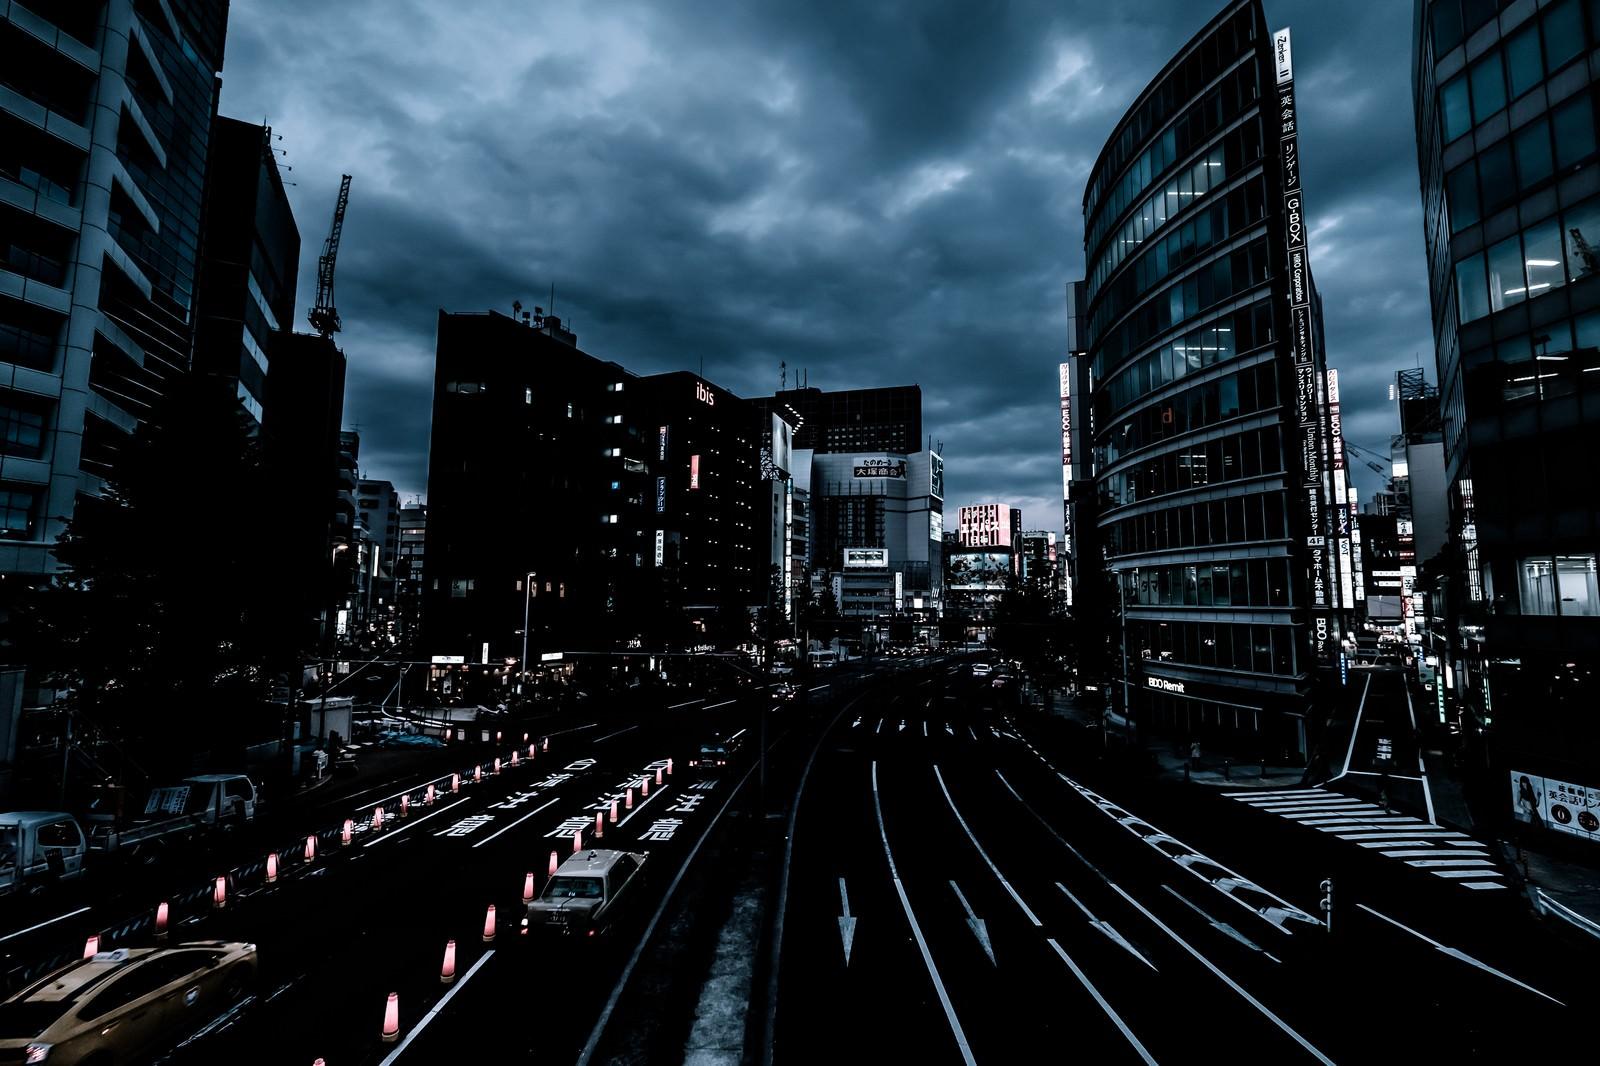 「曇り空と日が落ちた新宿駅前曇り空と日が落ちた新宿駅前」のフリー写真素材を拡大